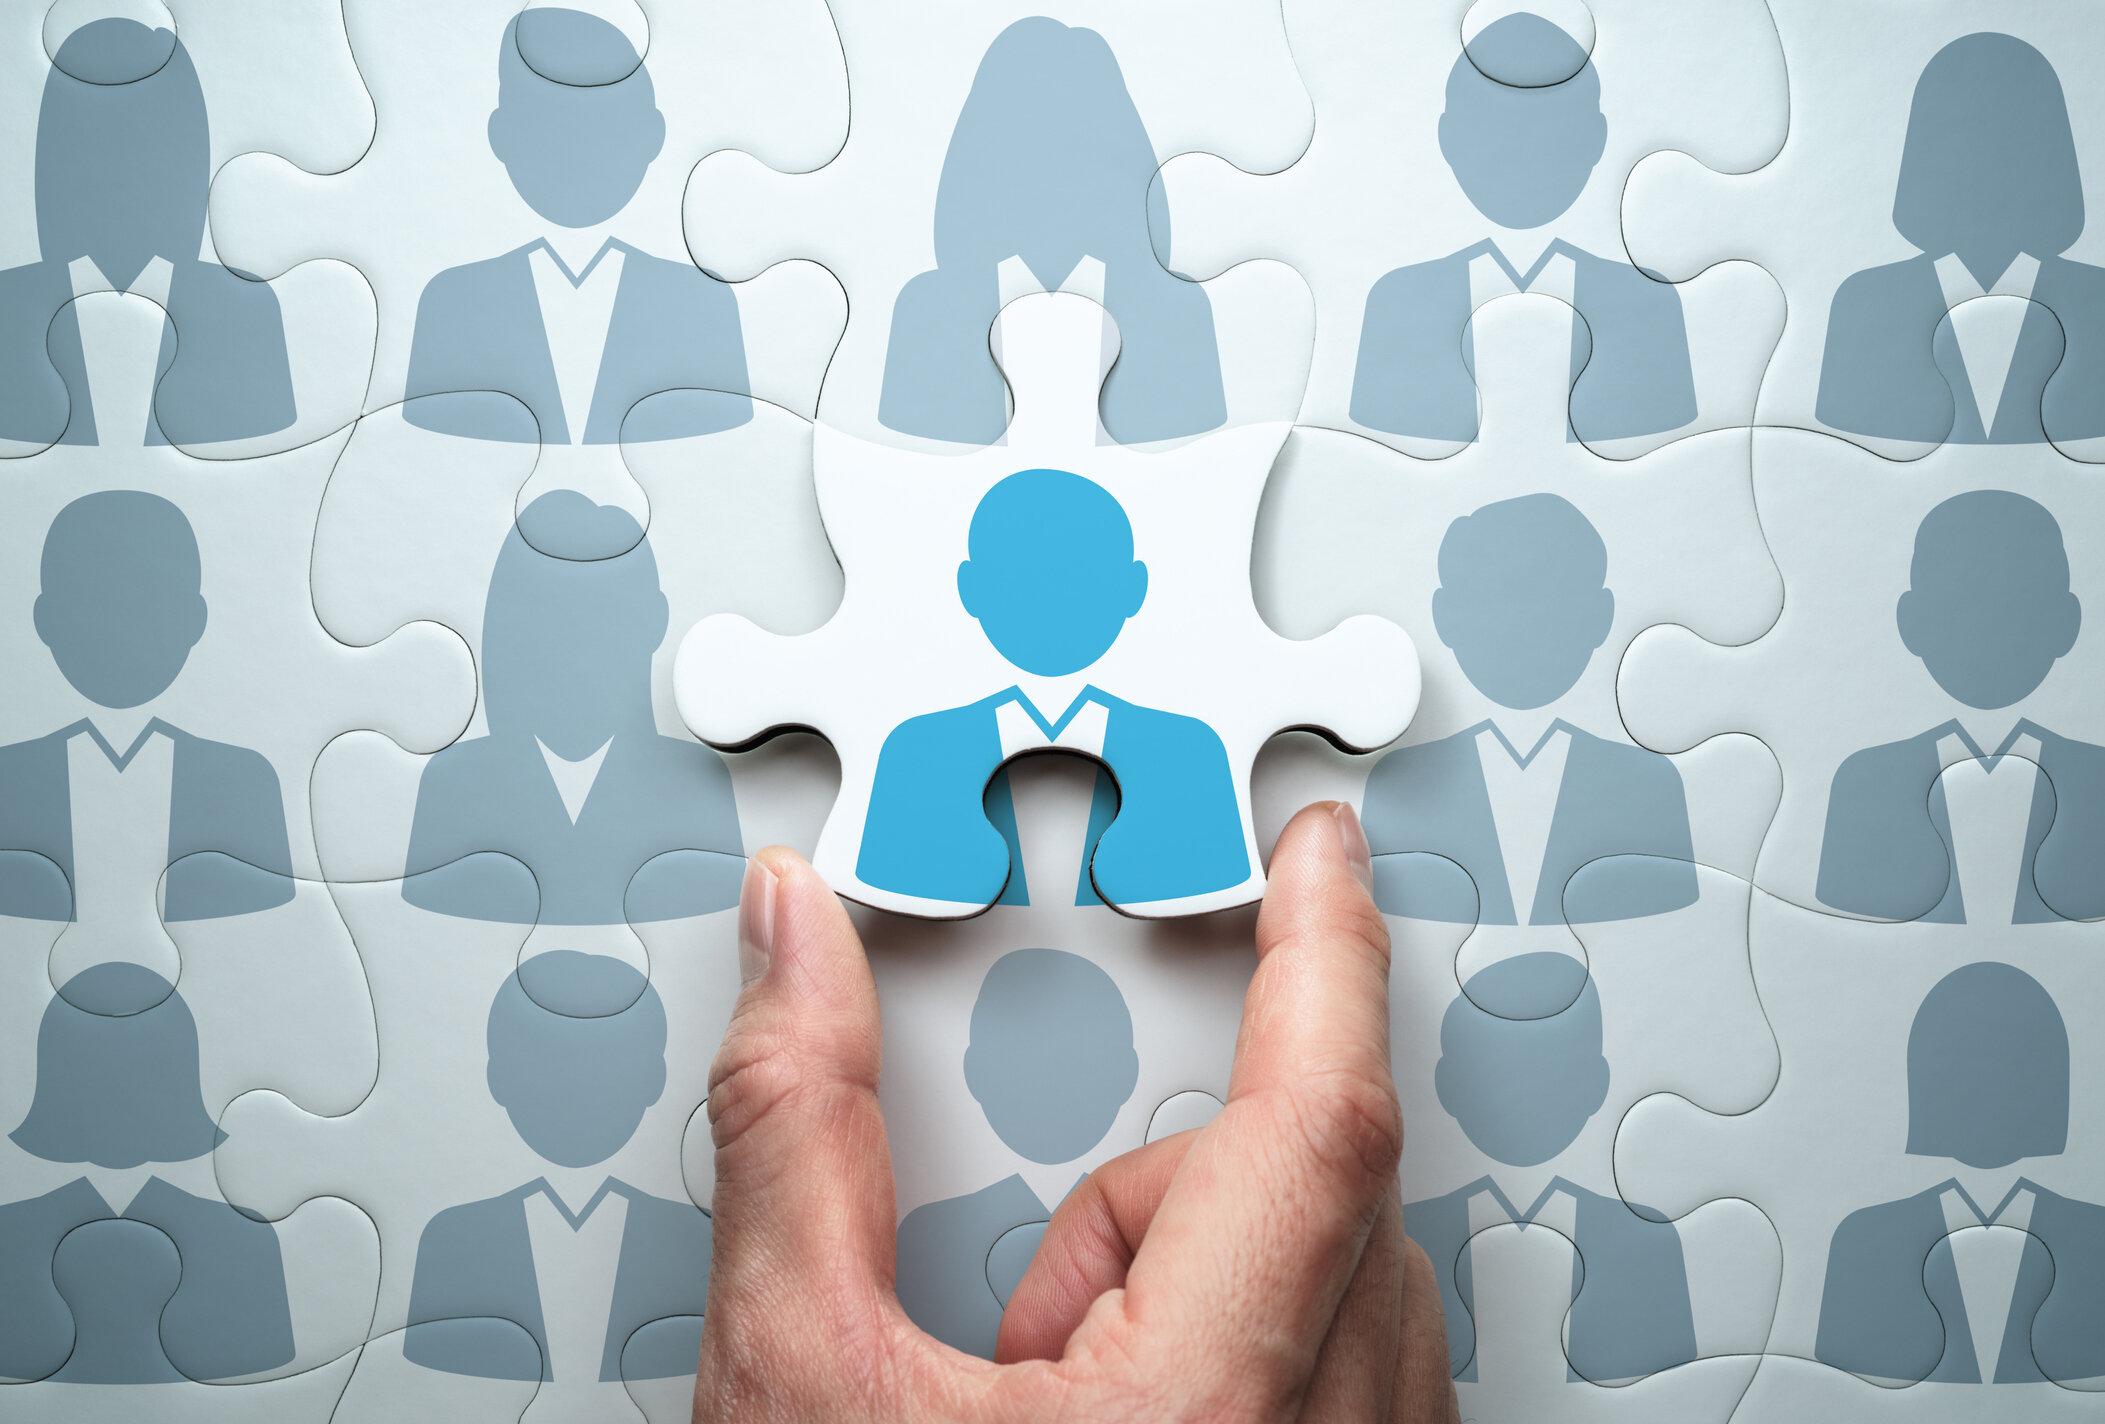 Perfil profesional 2020: ¿Qué buscan las empresas? — ConGente